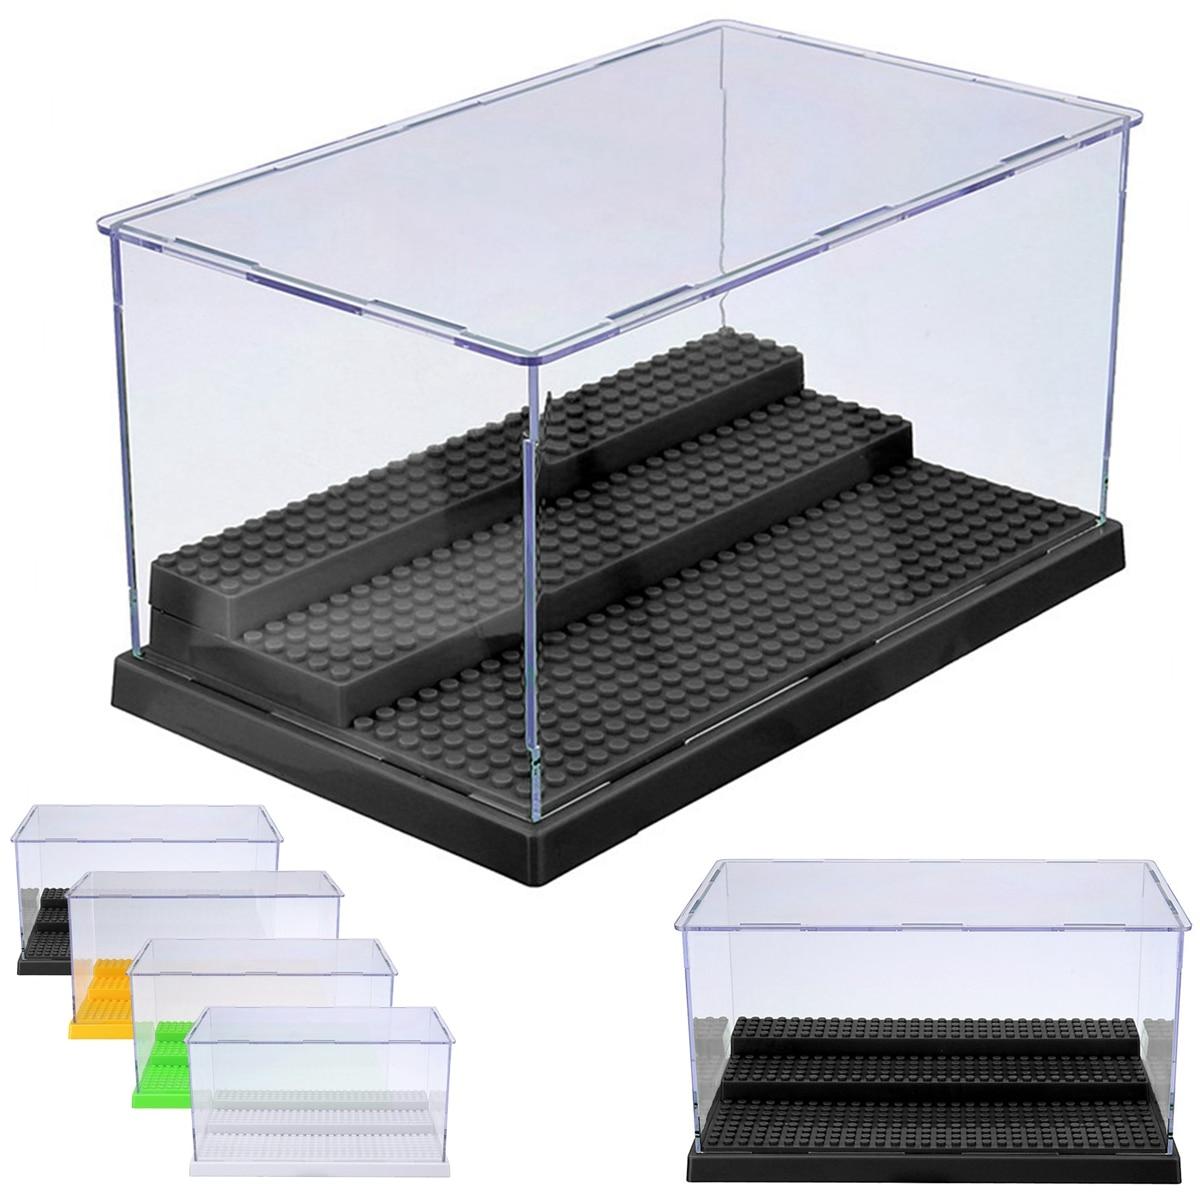 1pc 3 étapes vitrine/boîte étanche à la poussière vitrine gris Base pour Le goings blocs acrylique plastique vitrine boîte 25.5X15.5X13.8cm